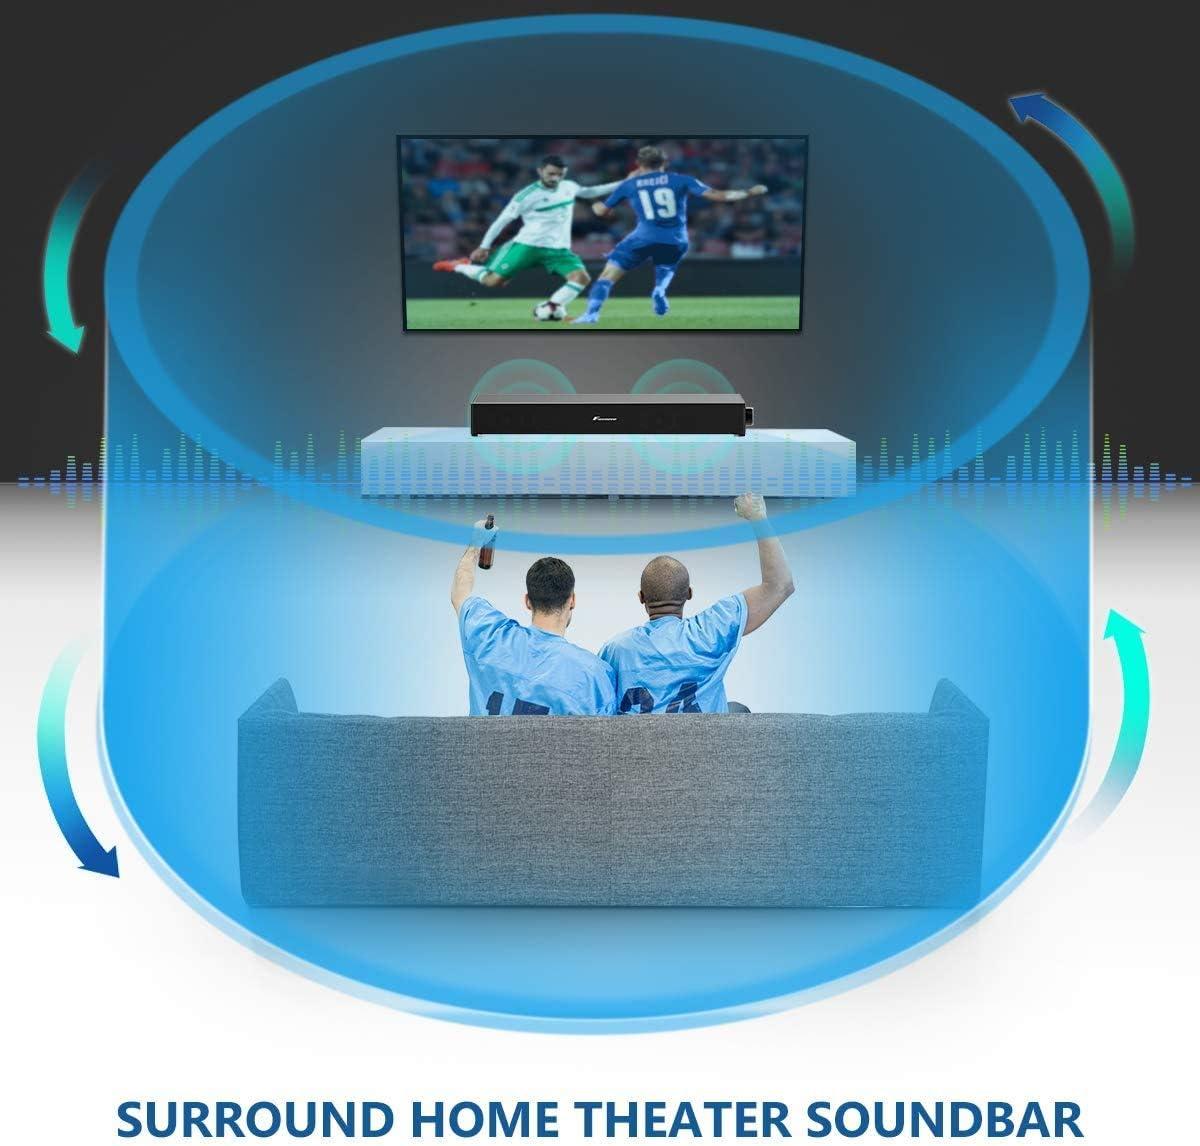 tablet PC Soundbar Foxnovo altoparlante bluetooth Soundbar 20 W Wired e wireless proiettore portatile Home Theater altoparlante bluetooth audio surround Sound Bar per TV cellulare